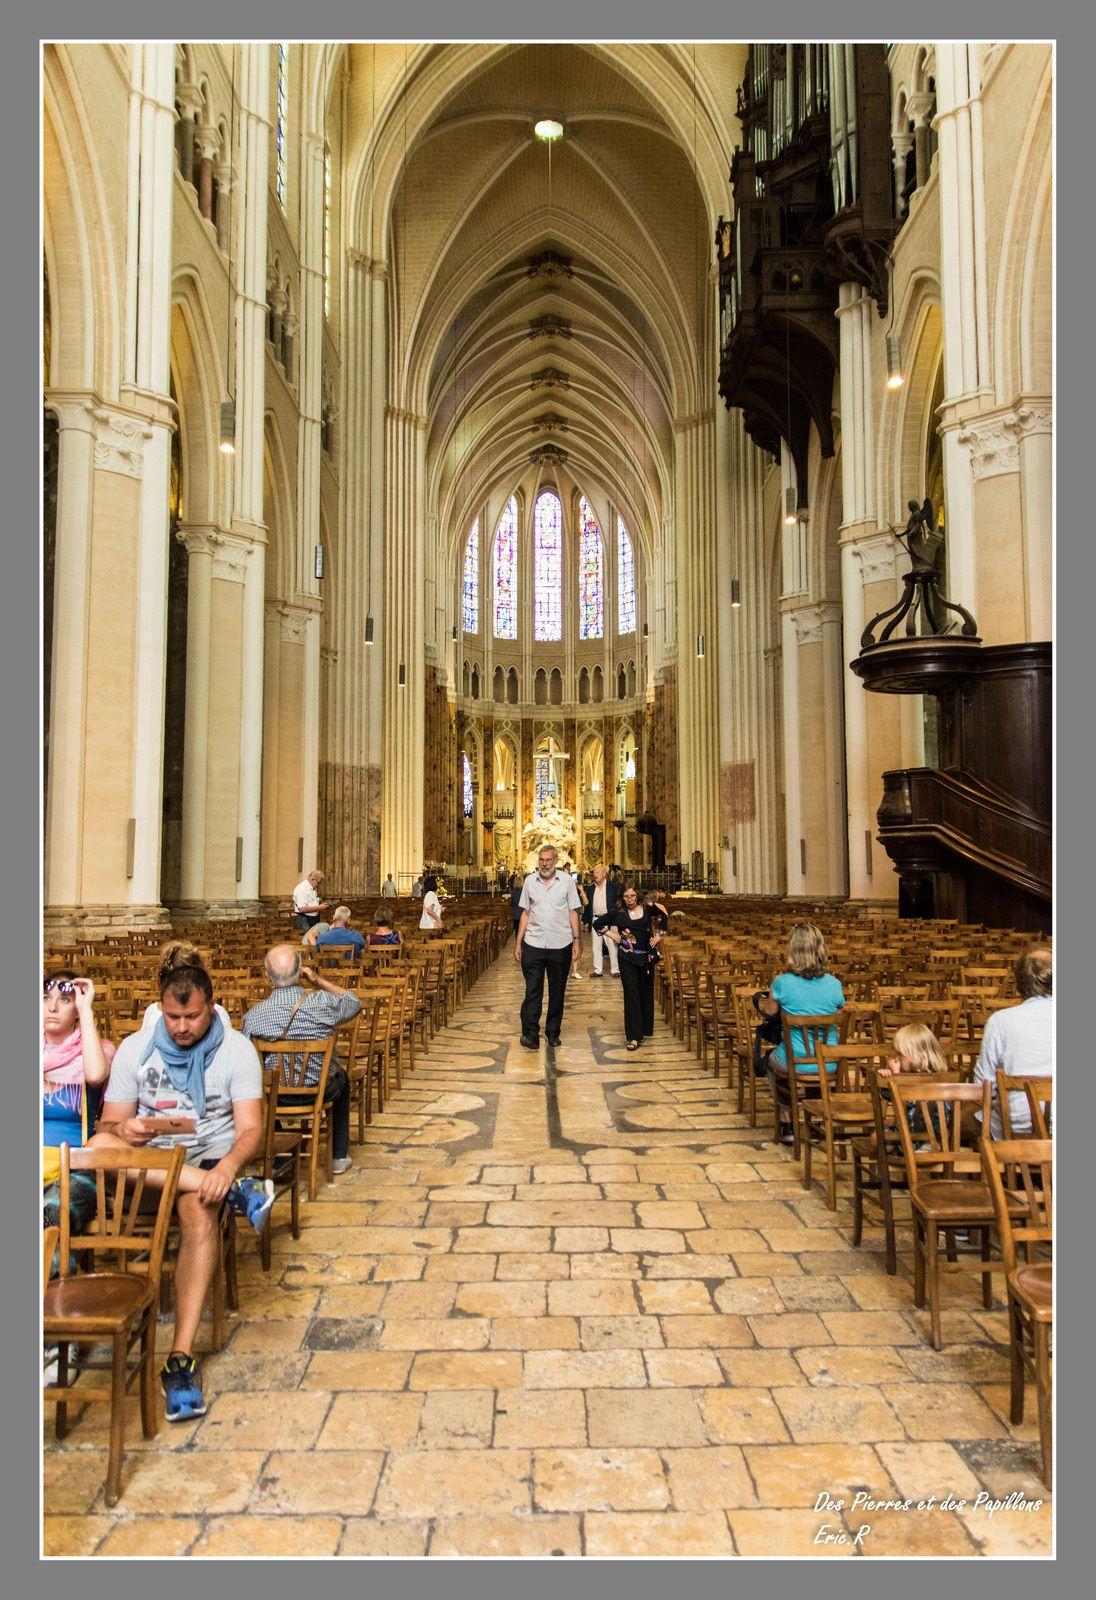 Vues de la nef en direction de l'entrée et de l'abside